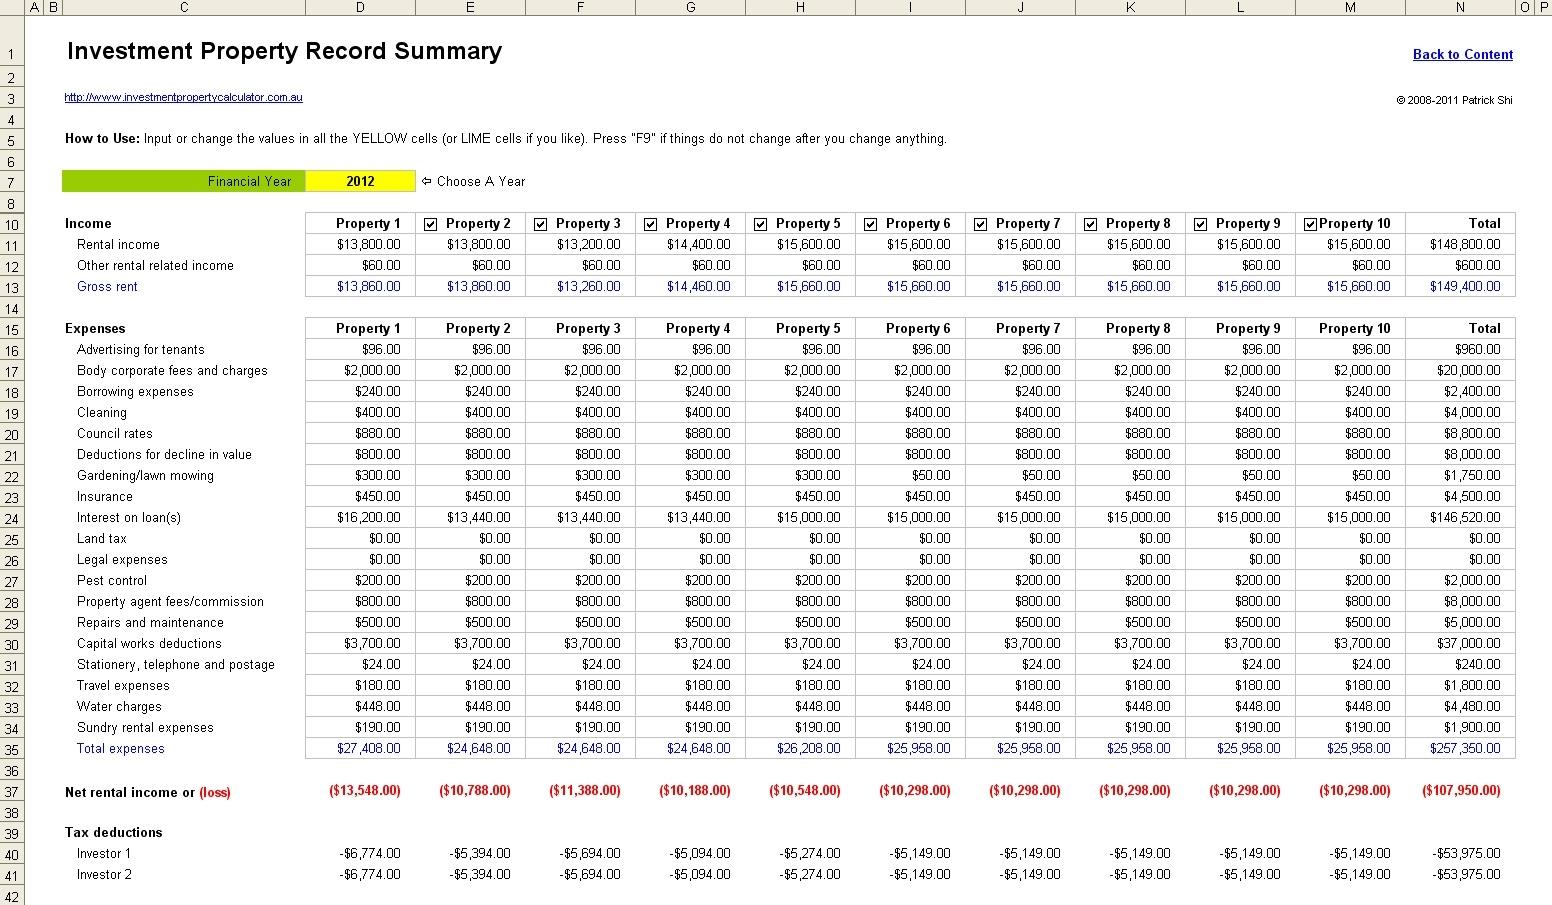 Property Management Spreadsheet Template Throughout Rental Property Management Spreadsheet Template Spreadsheet Softwar